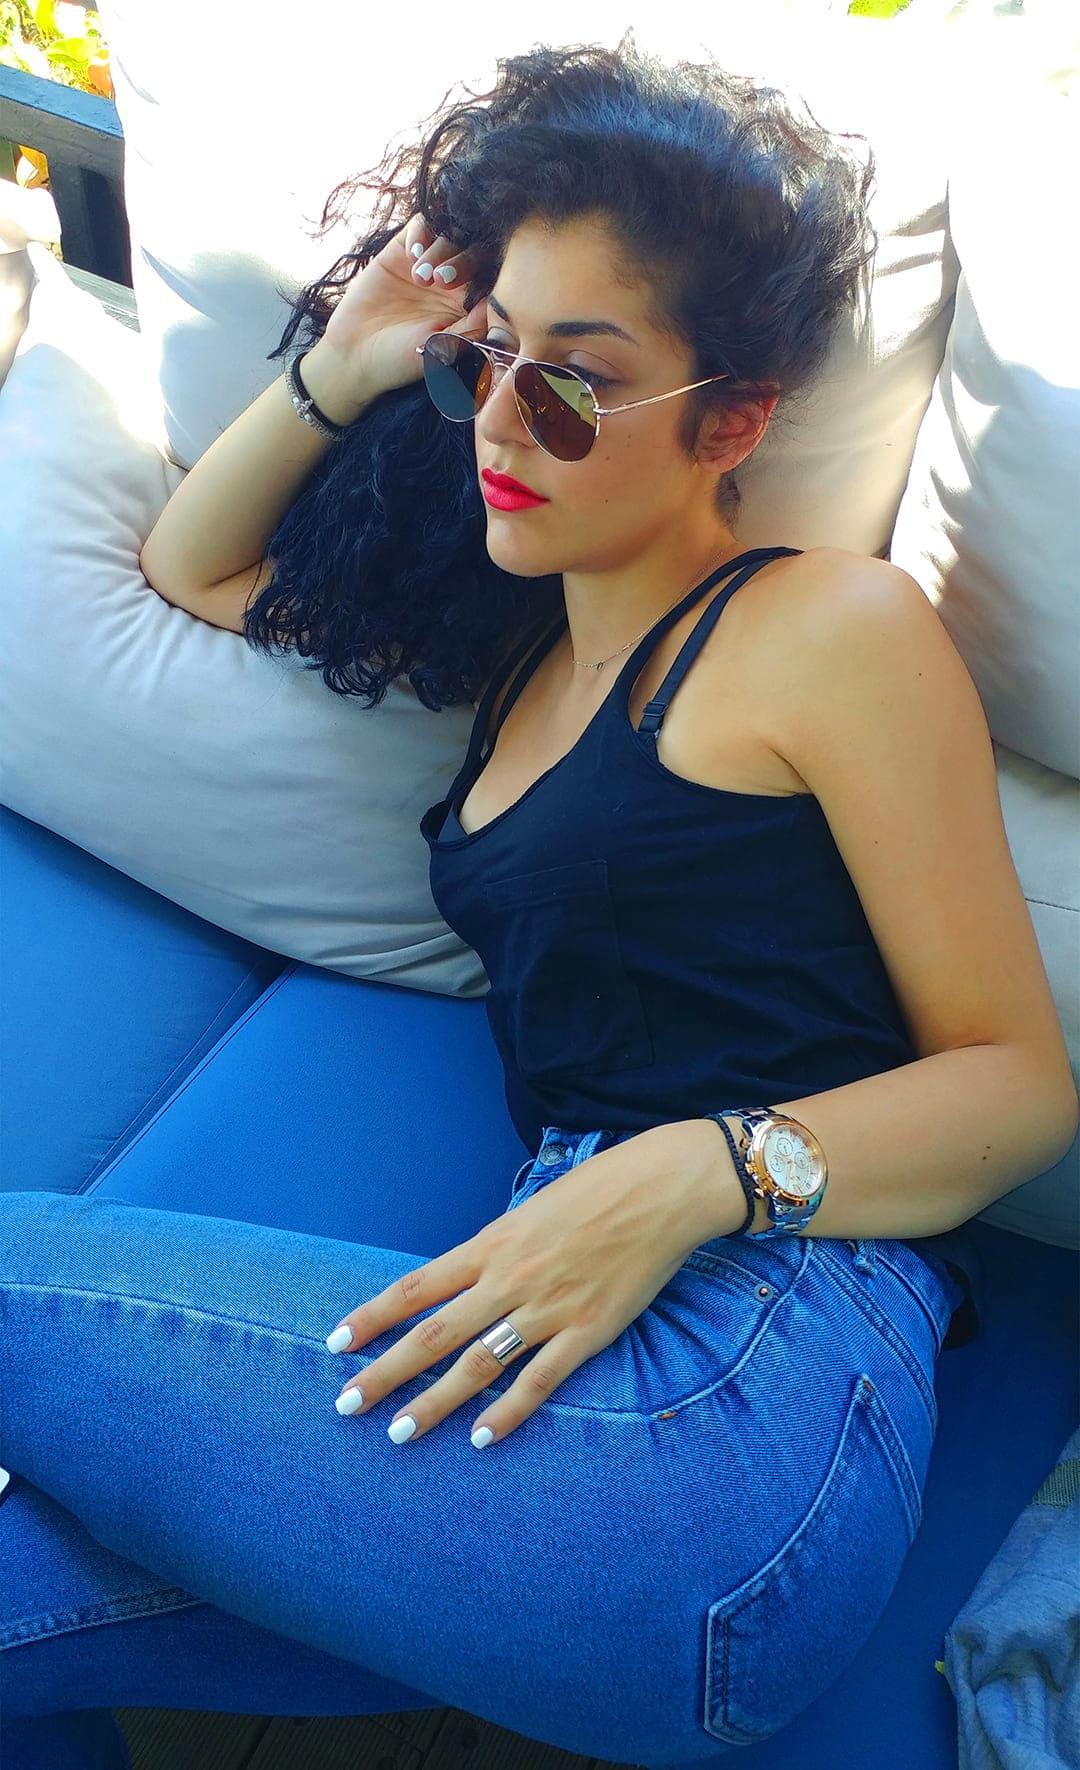 Γυαλιά ηλίου, aviator αεροπορικά γυαλιά, ωραία γυναίκα με γυαλιά πιλότου γυναικεία - unisex, γυαλιά ηλίου Black rose sunglasses Greece